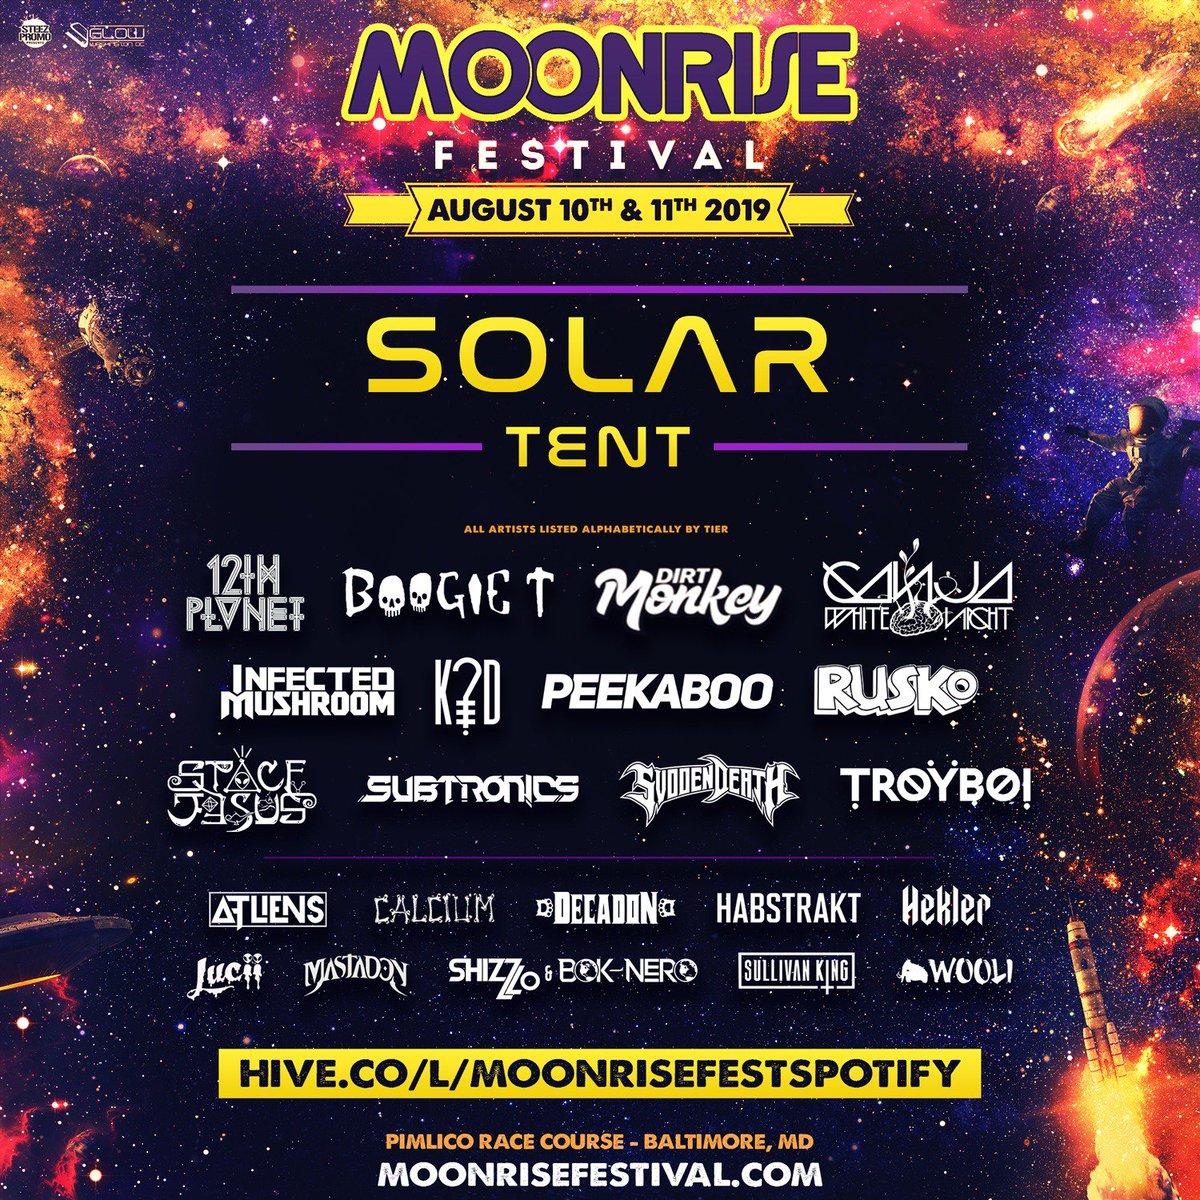 Moonrise Festival on Twitter: